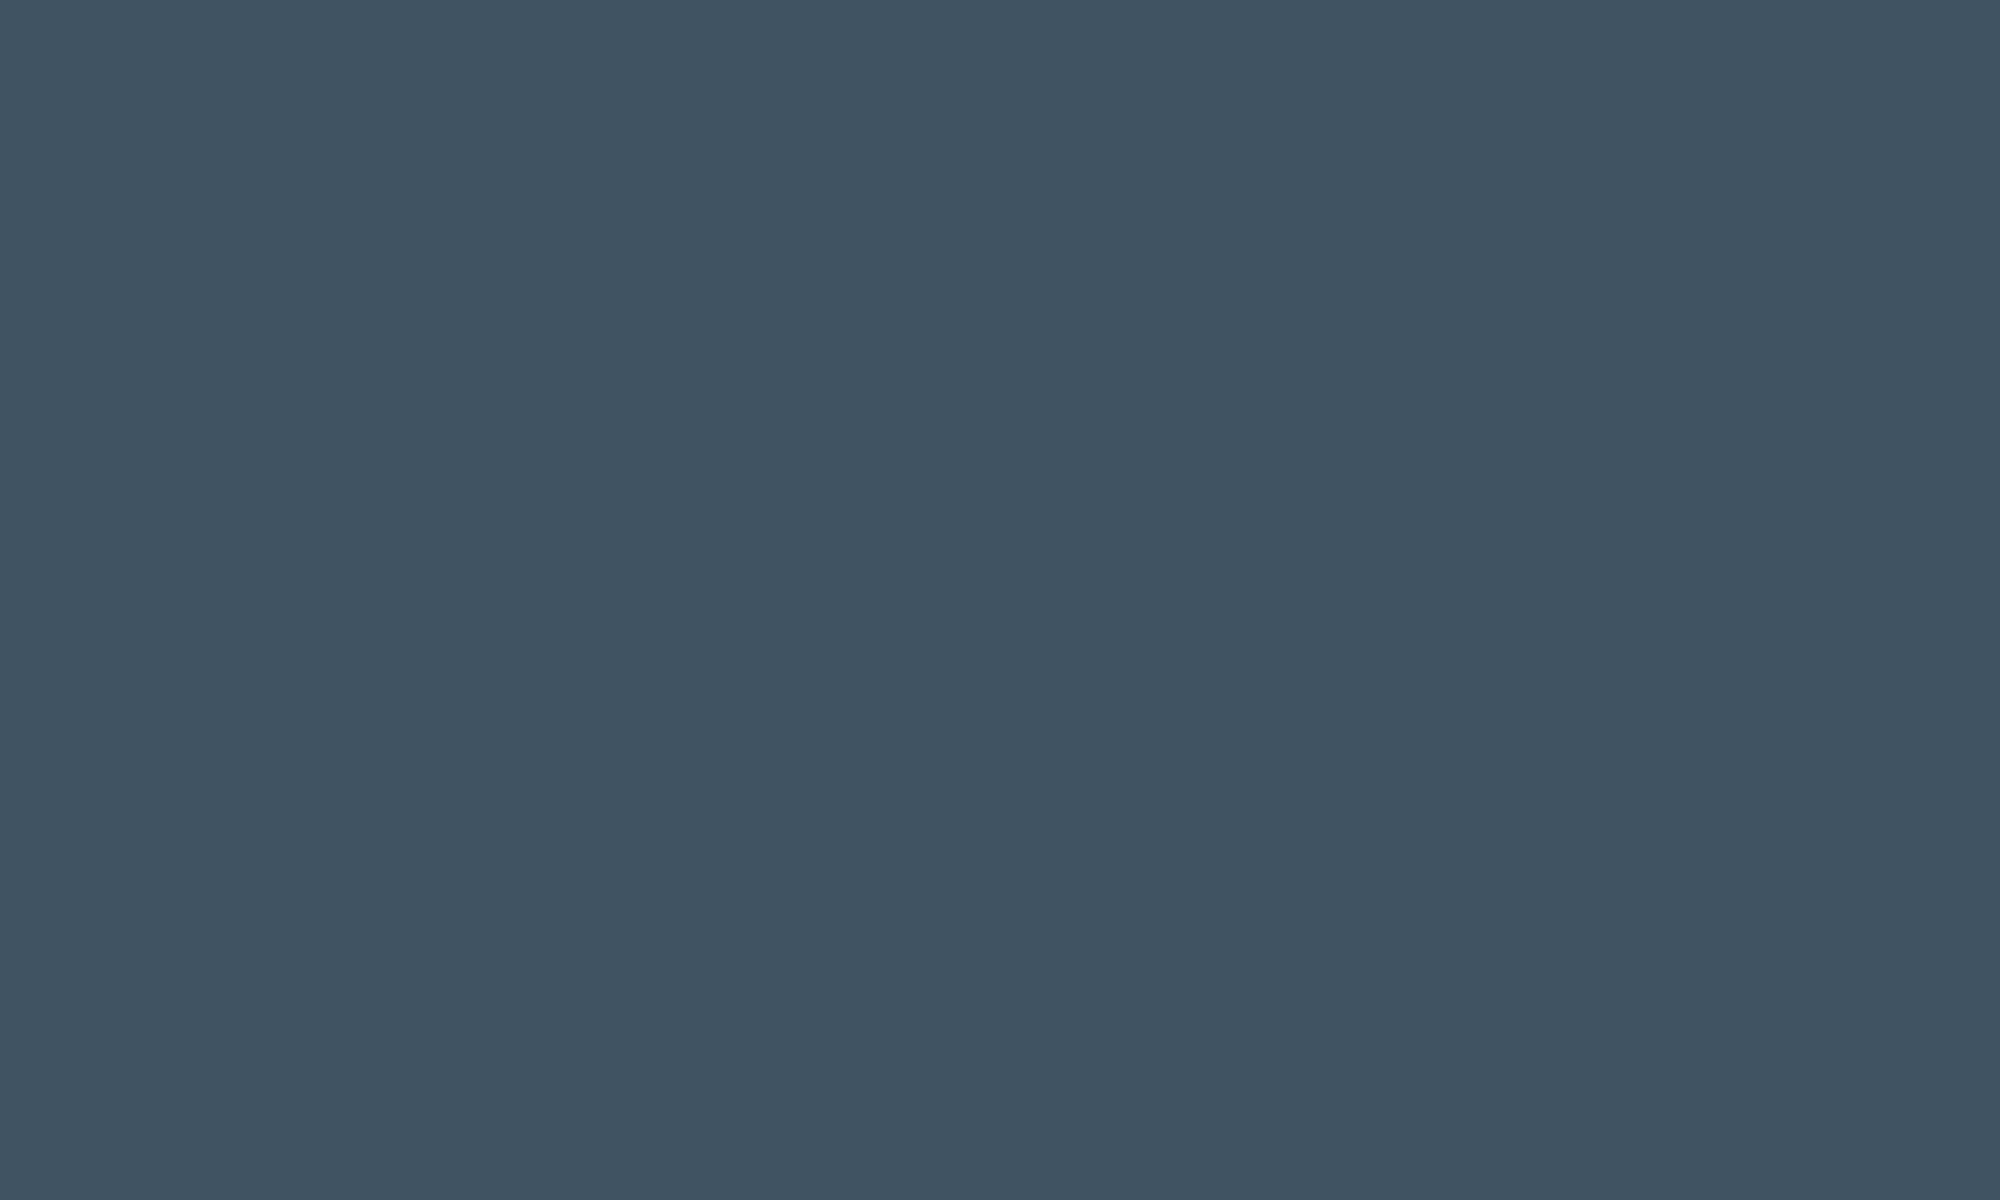 Slate color background